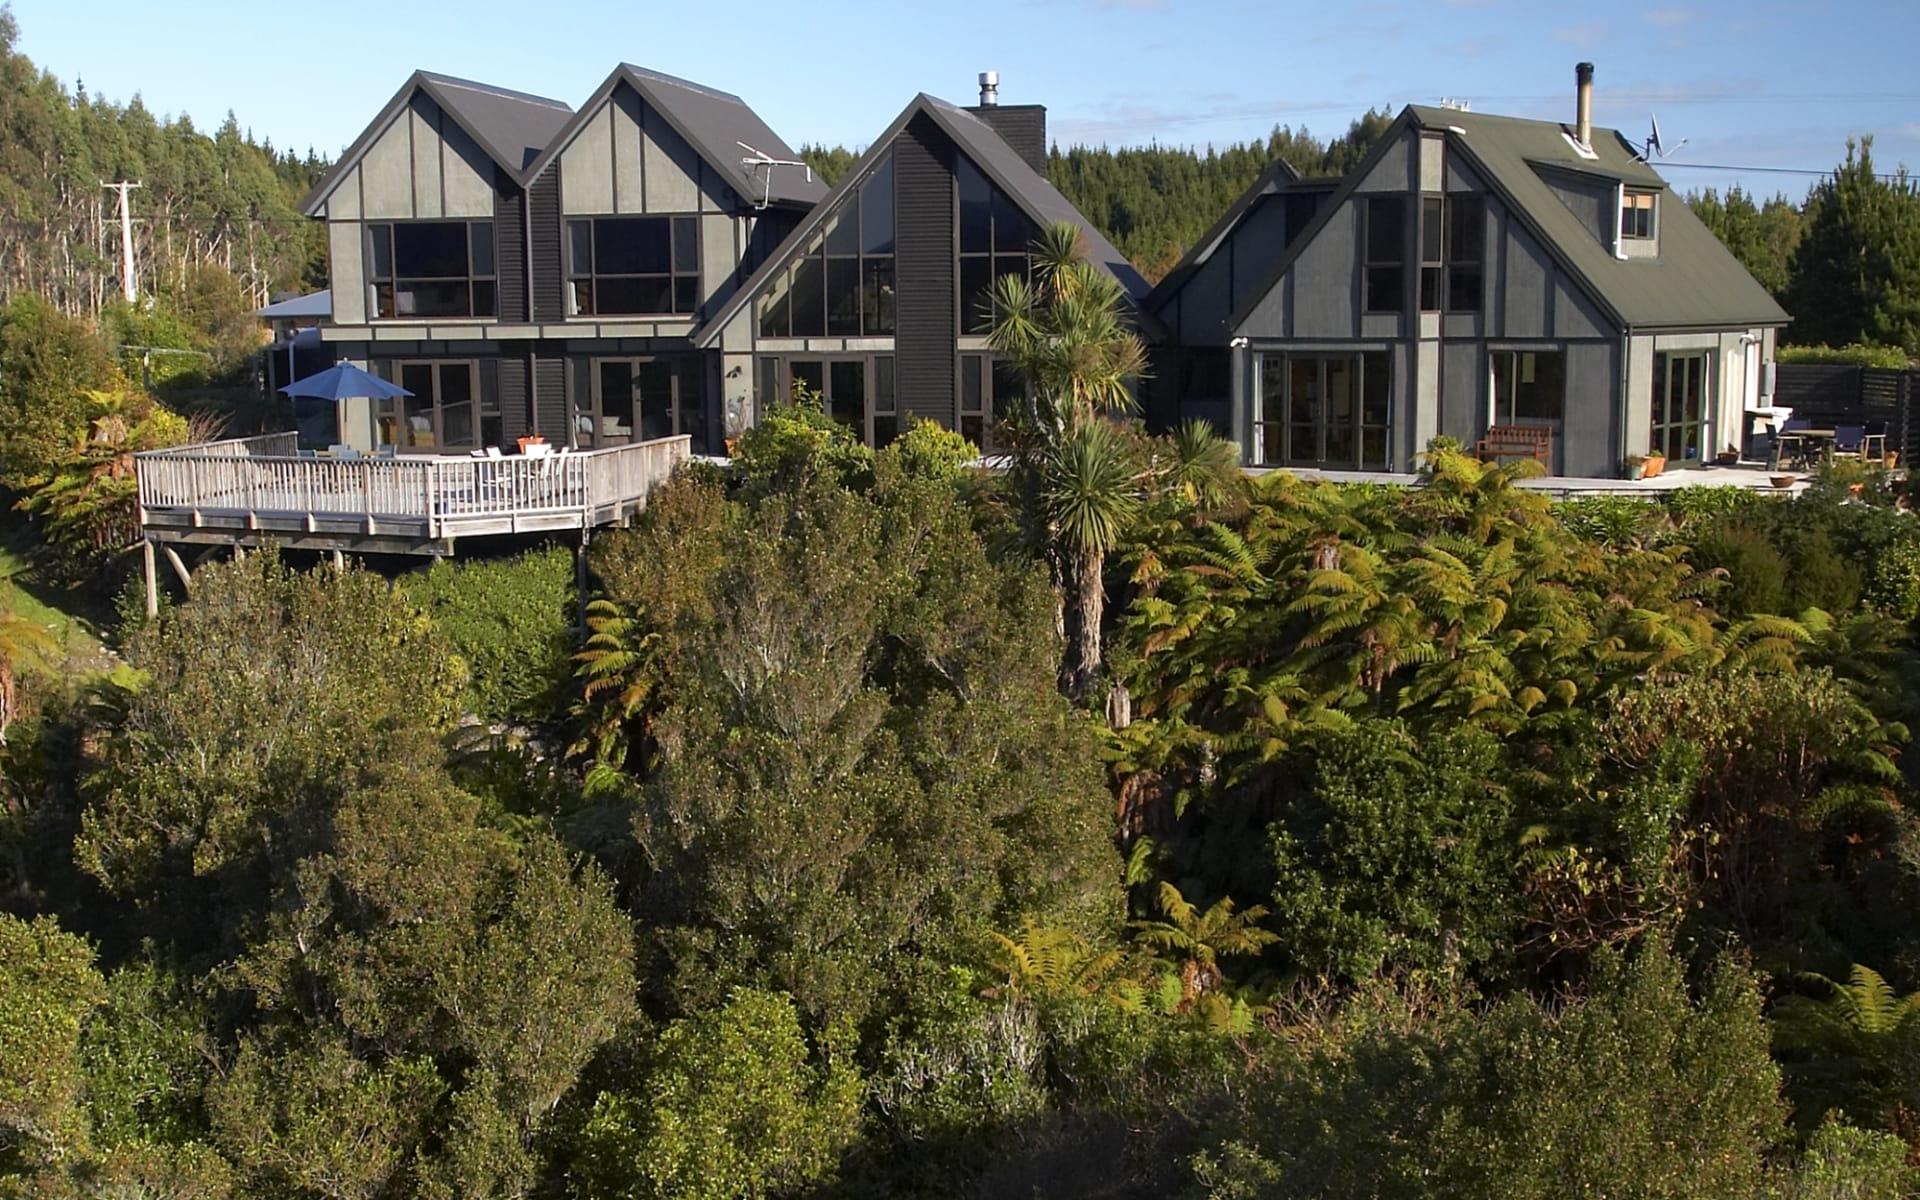 Rimu Lodge in Hokitika: exterior rimu lodge - Haus von aussen cRimu Lodge